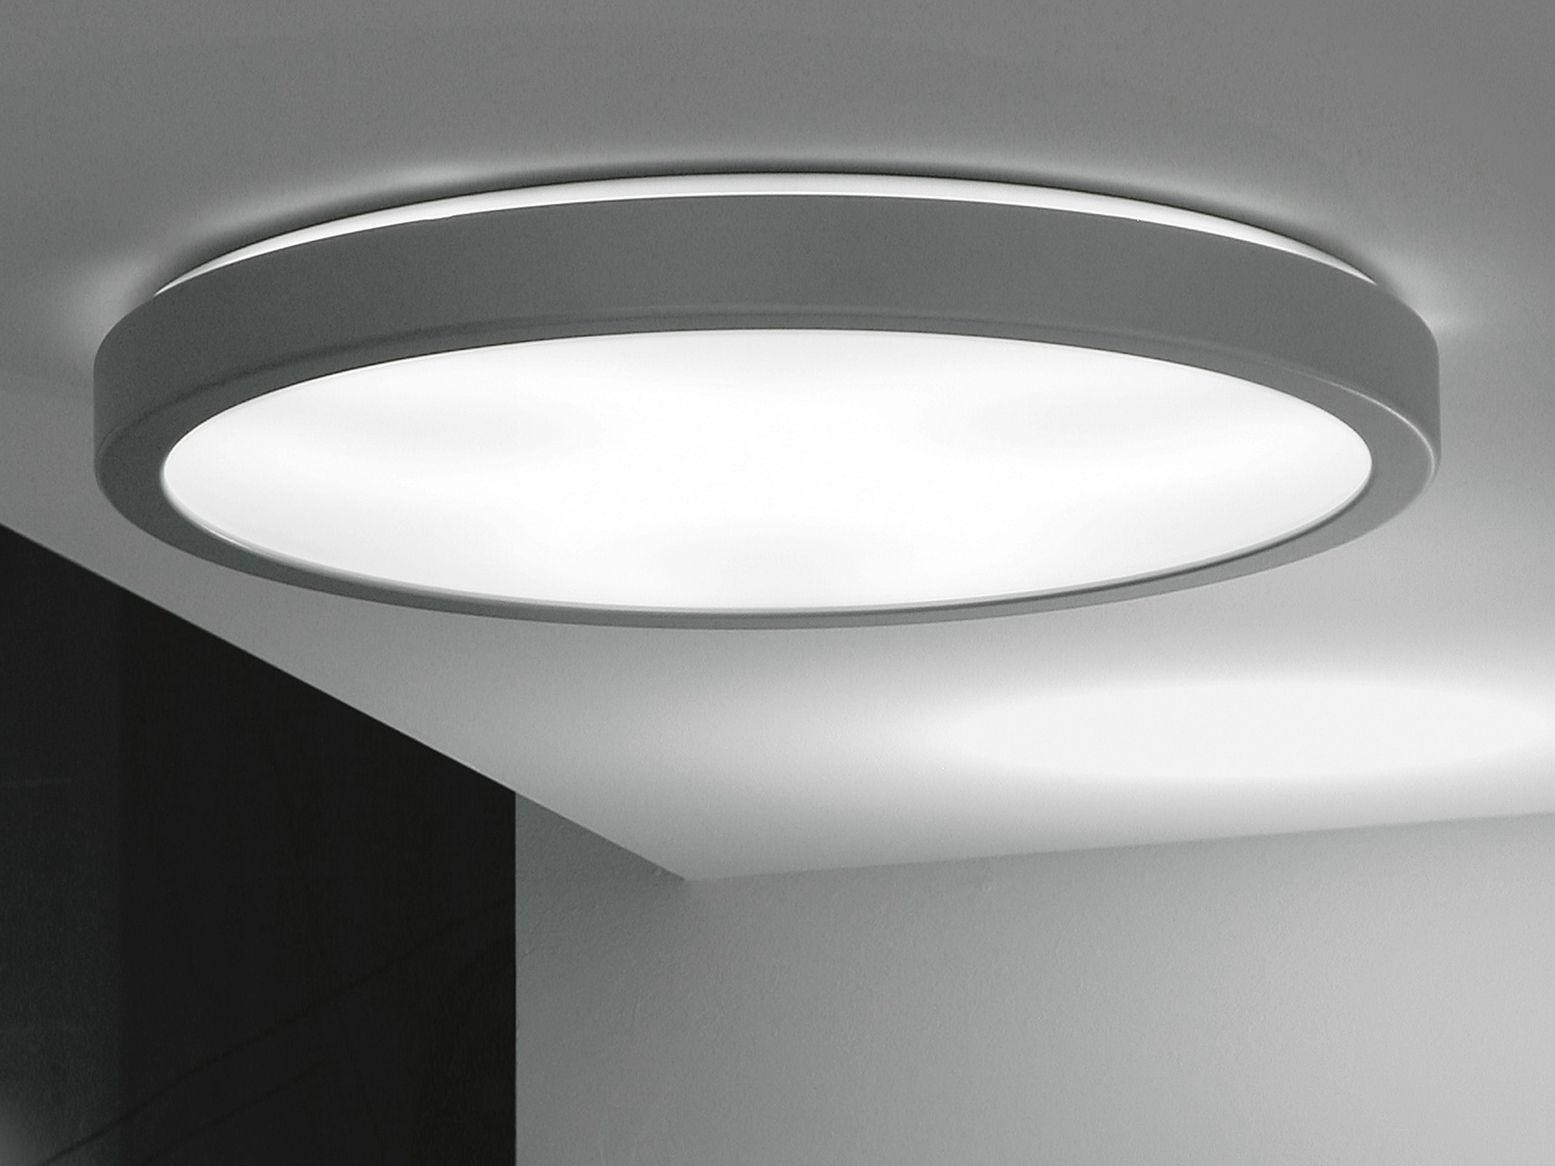 Luna Lampara De Techo By Martinelli Luce Lamparas De Techo Luces De Techo Decoracion De Interiores Minimalista